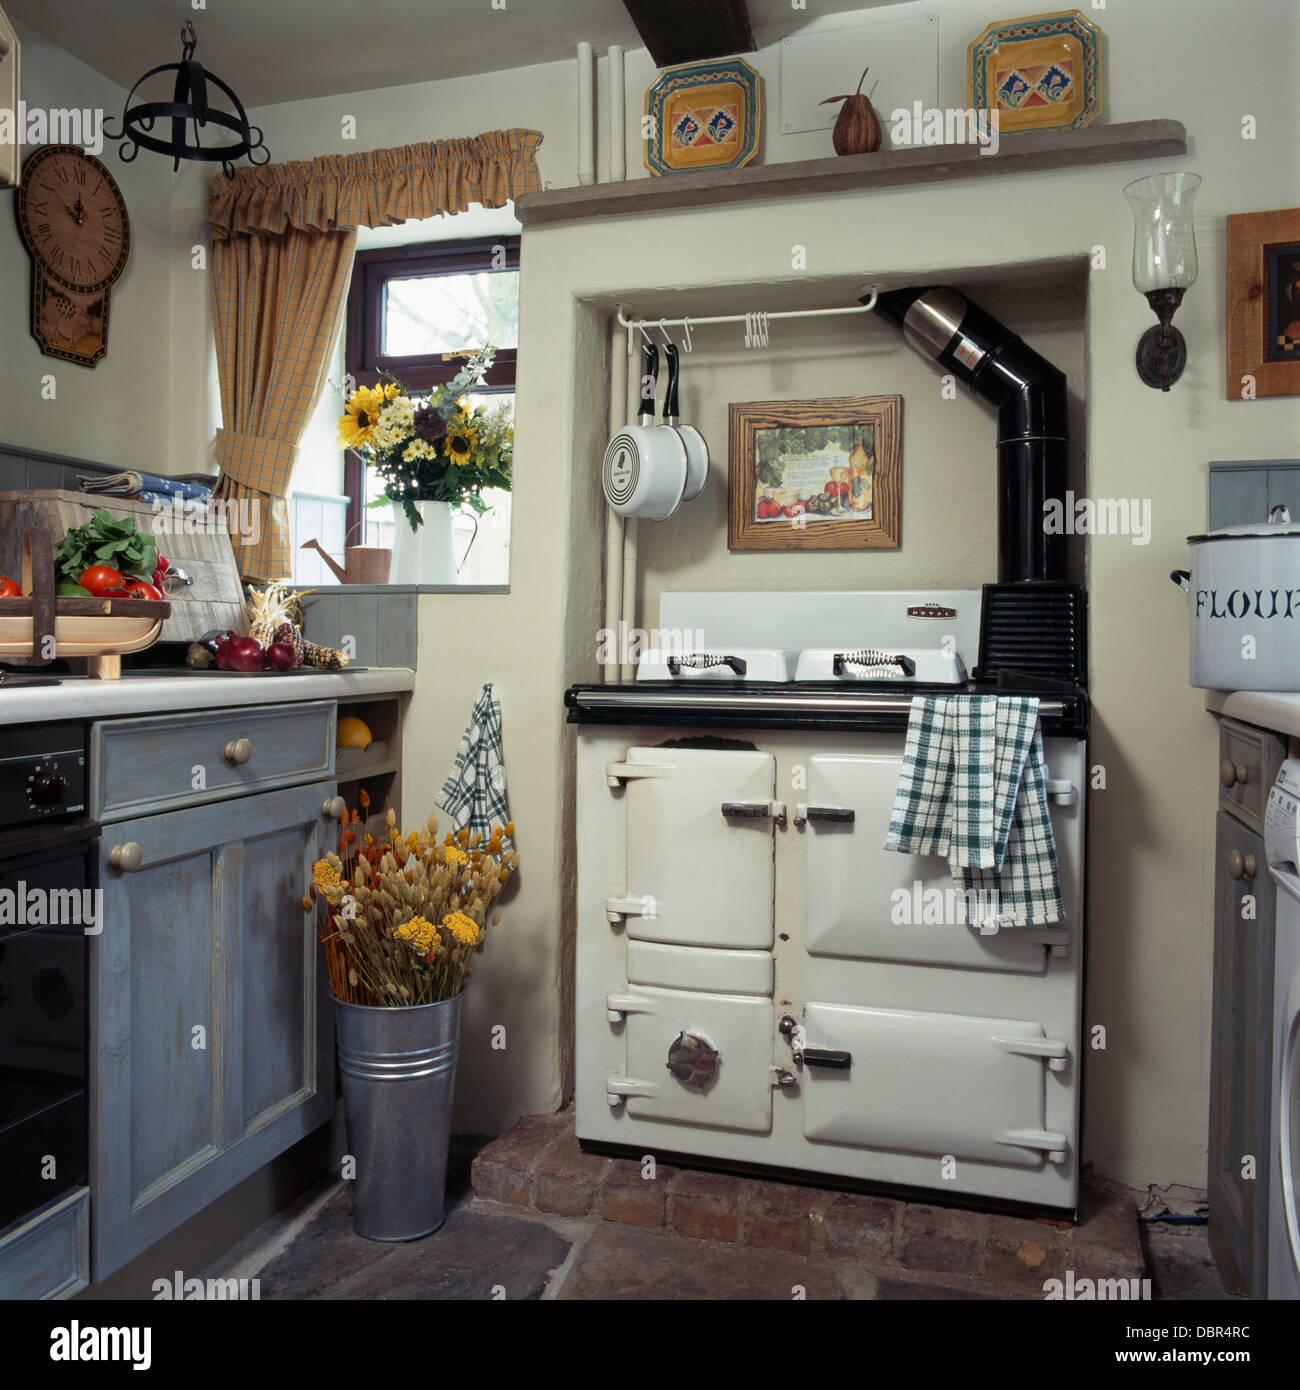 Gemütlich Shop Haus Küche Washington Dc Galerie - Ideen Für Die ...